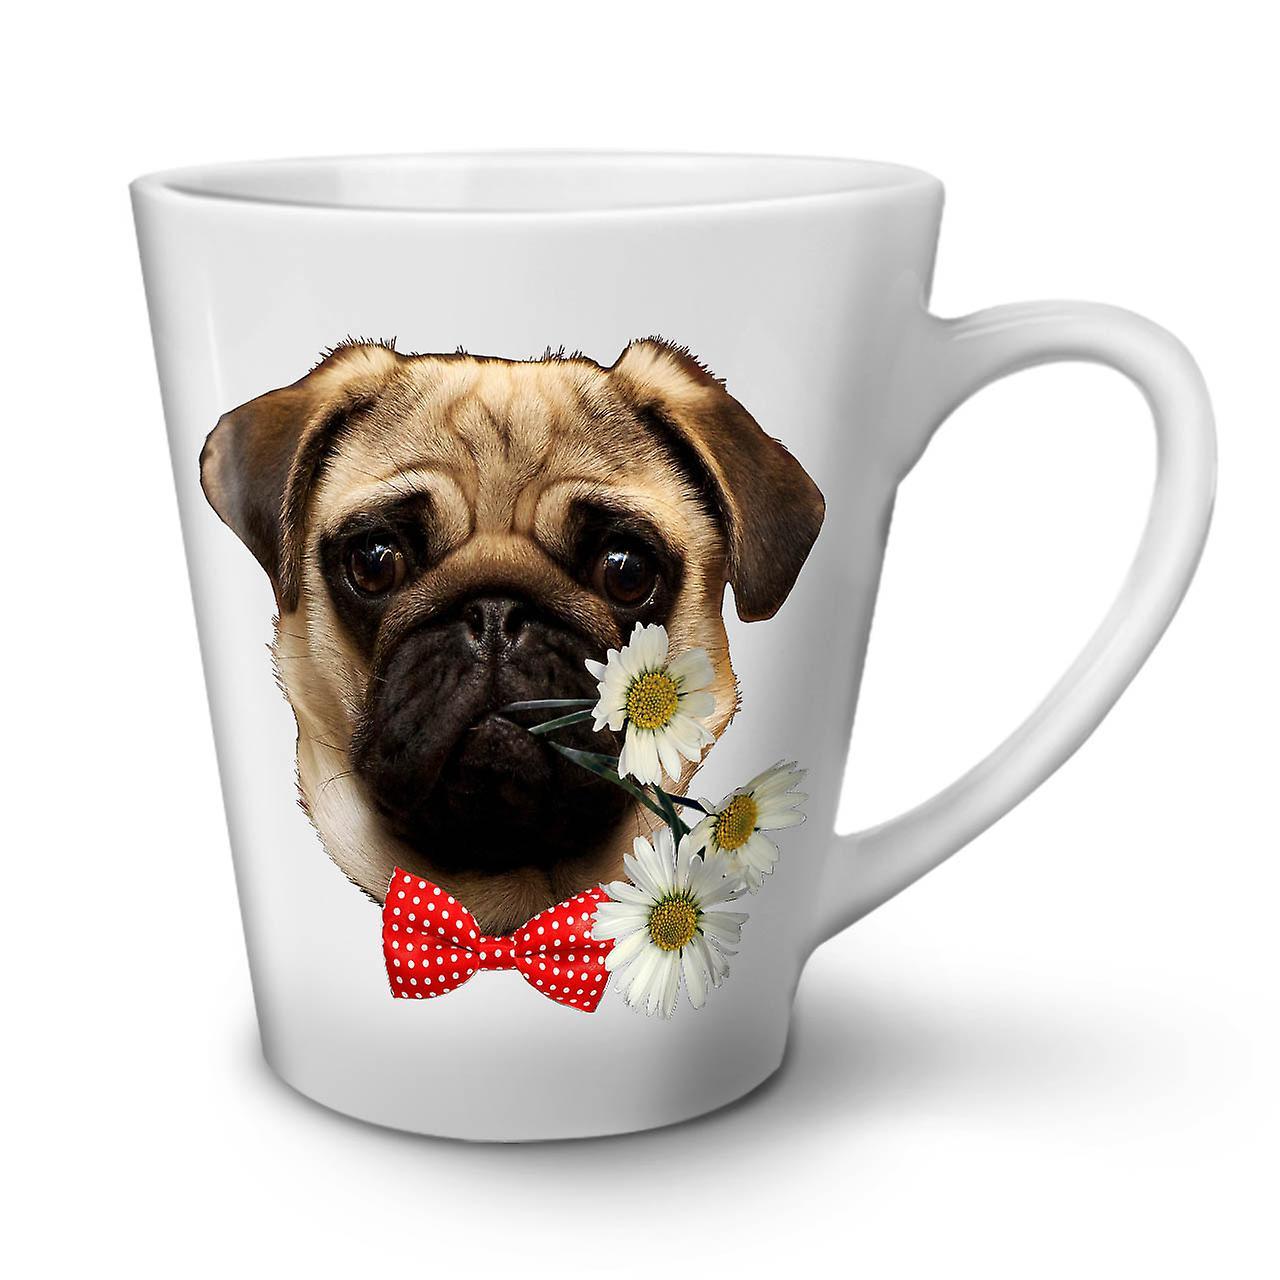 Pug Admirateur OzWellcoda Café Latte Céramique Puppy 12 Nouvelle En Tasse Blanche nk0OwP